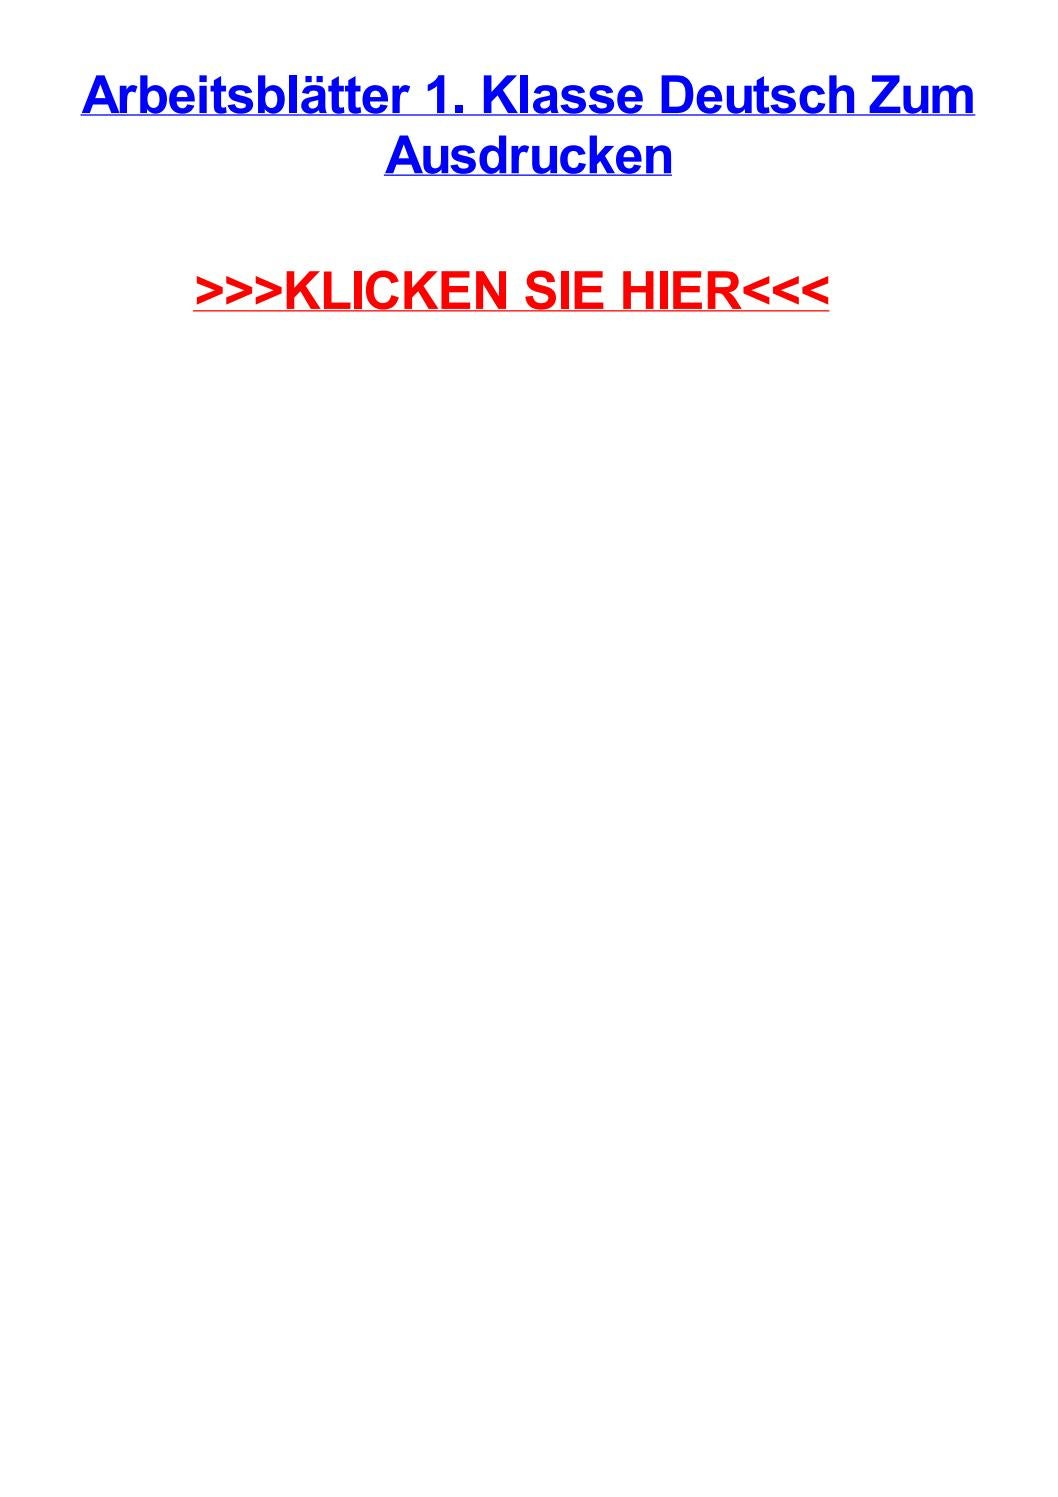 Arbeitsbltter 1 klasse deutsch zum ausdrucken by maryufgb - issuu